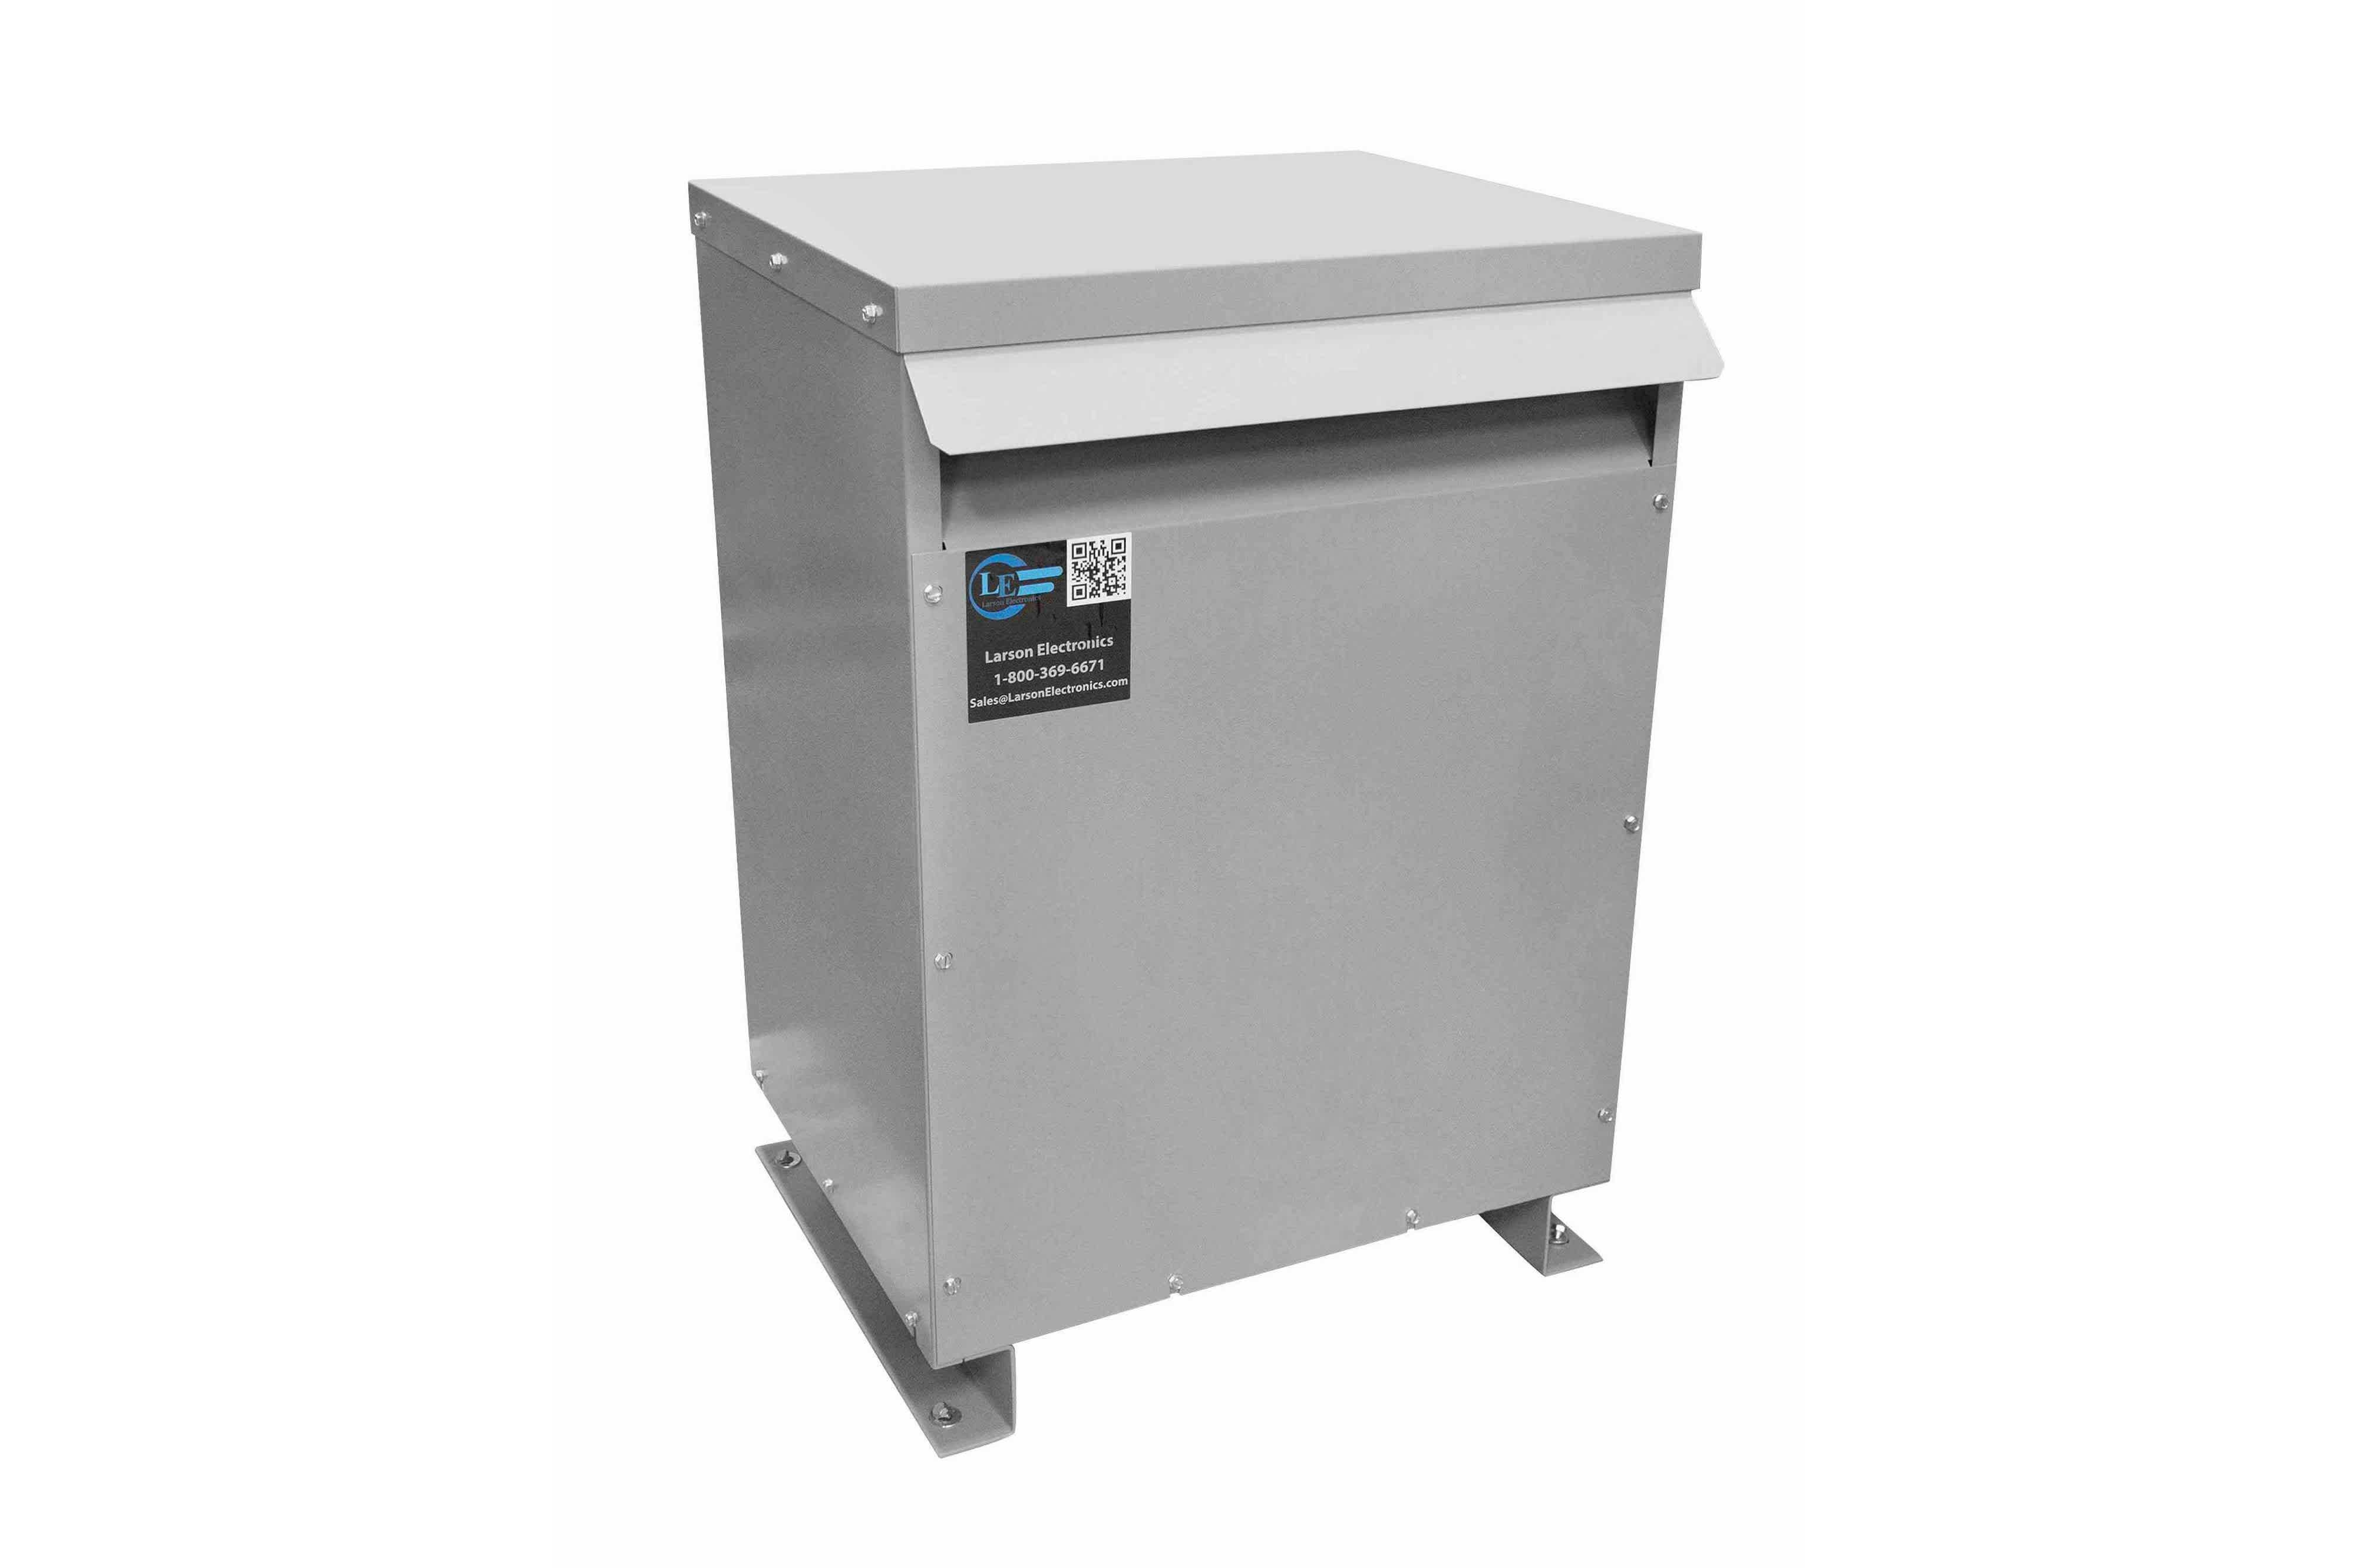 115 kVA 3PH Isolation Transformer, 480V Delta Primary, 380V Delta Secondary, N3R, Ventilated, 60 Hz